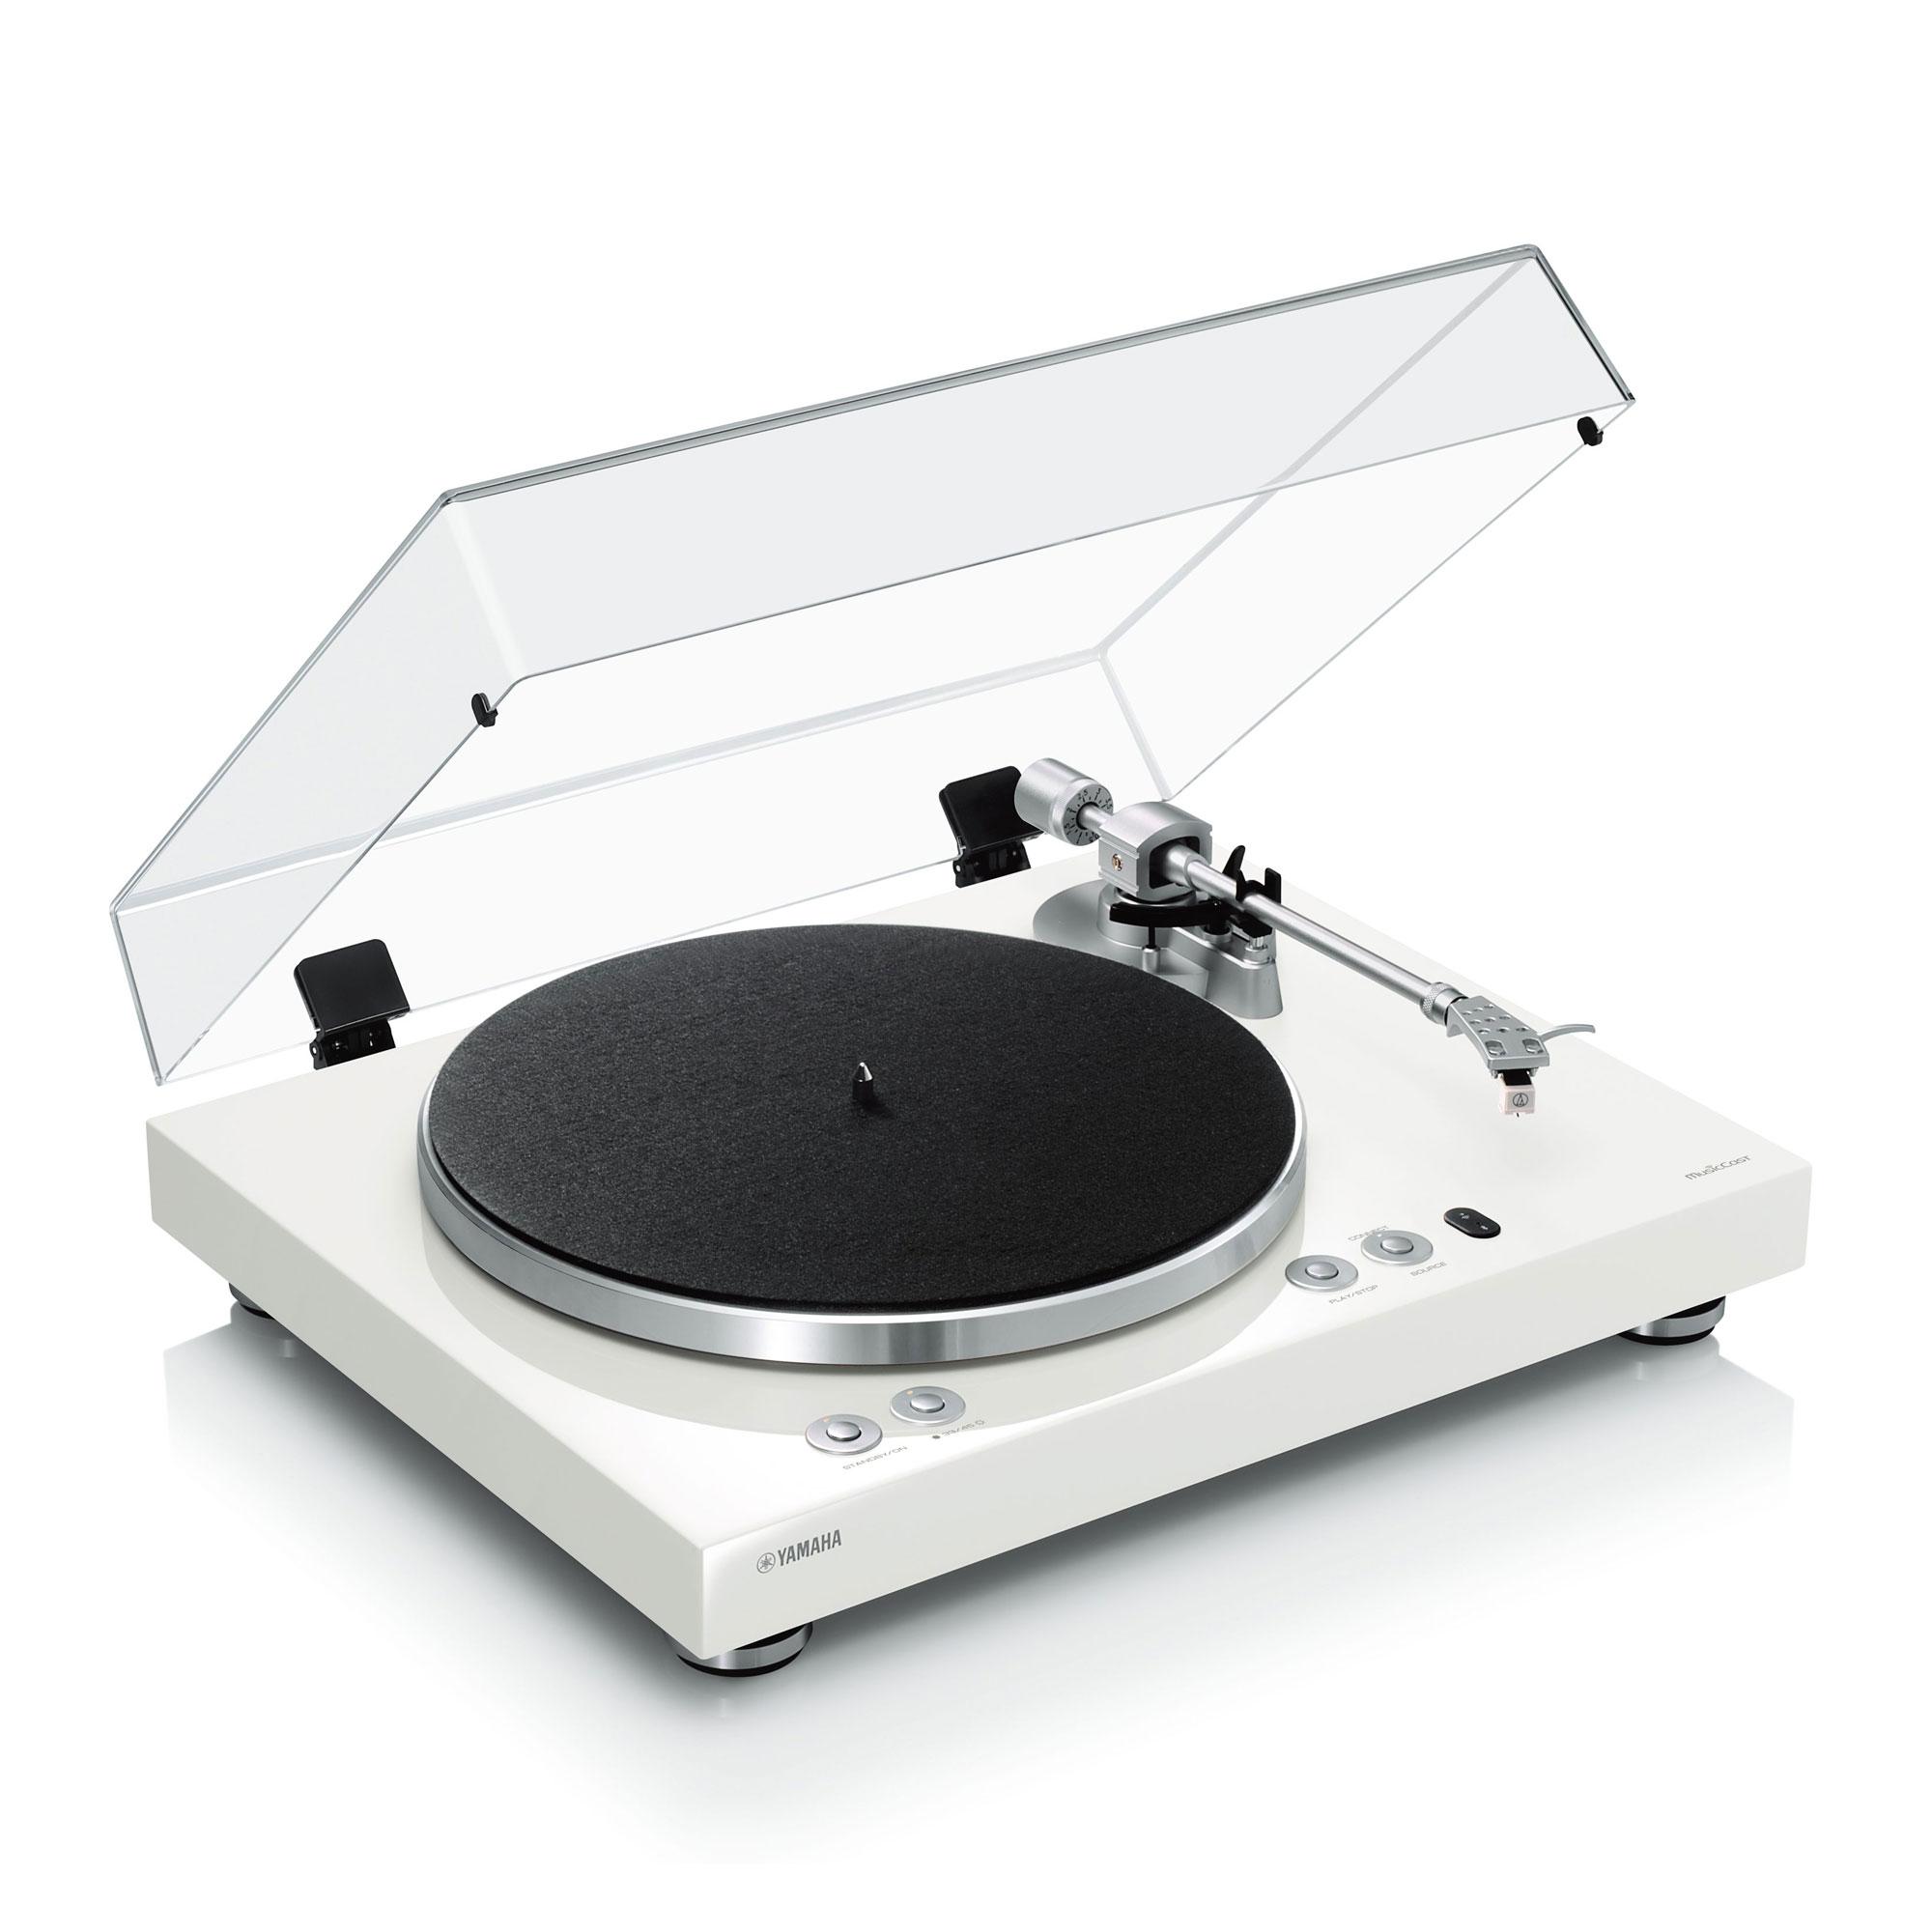 Yamaha MusicCast VINYL 500 TT-N 503 weiss Plattenspieler 43001